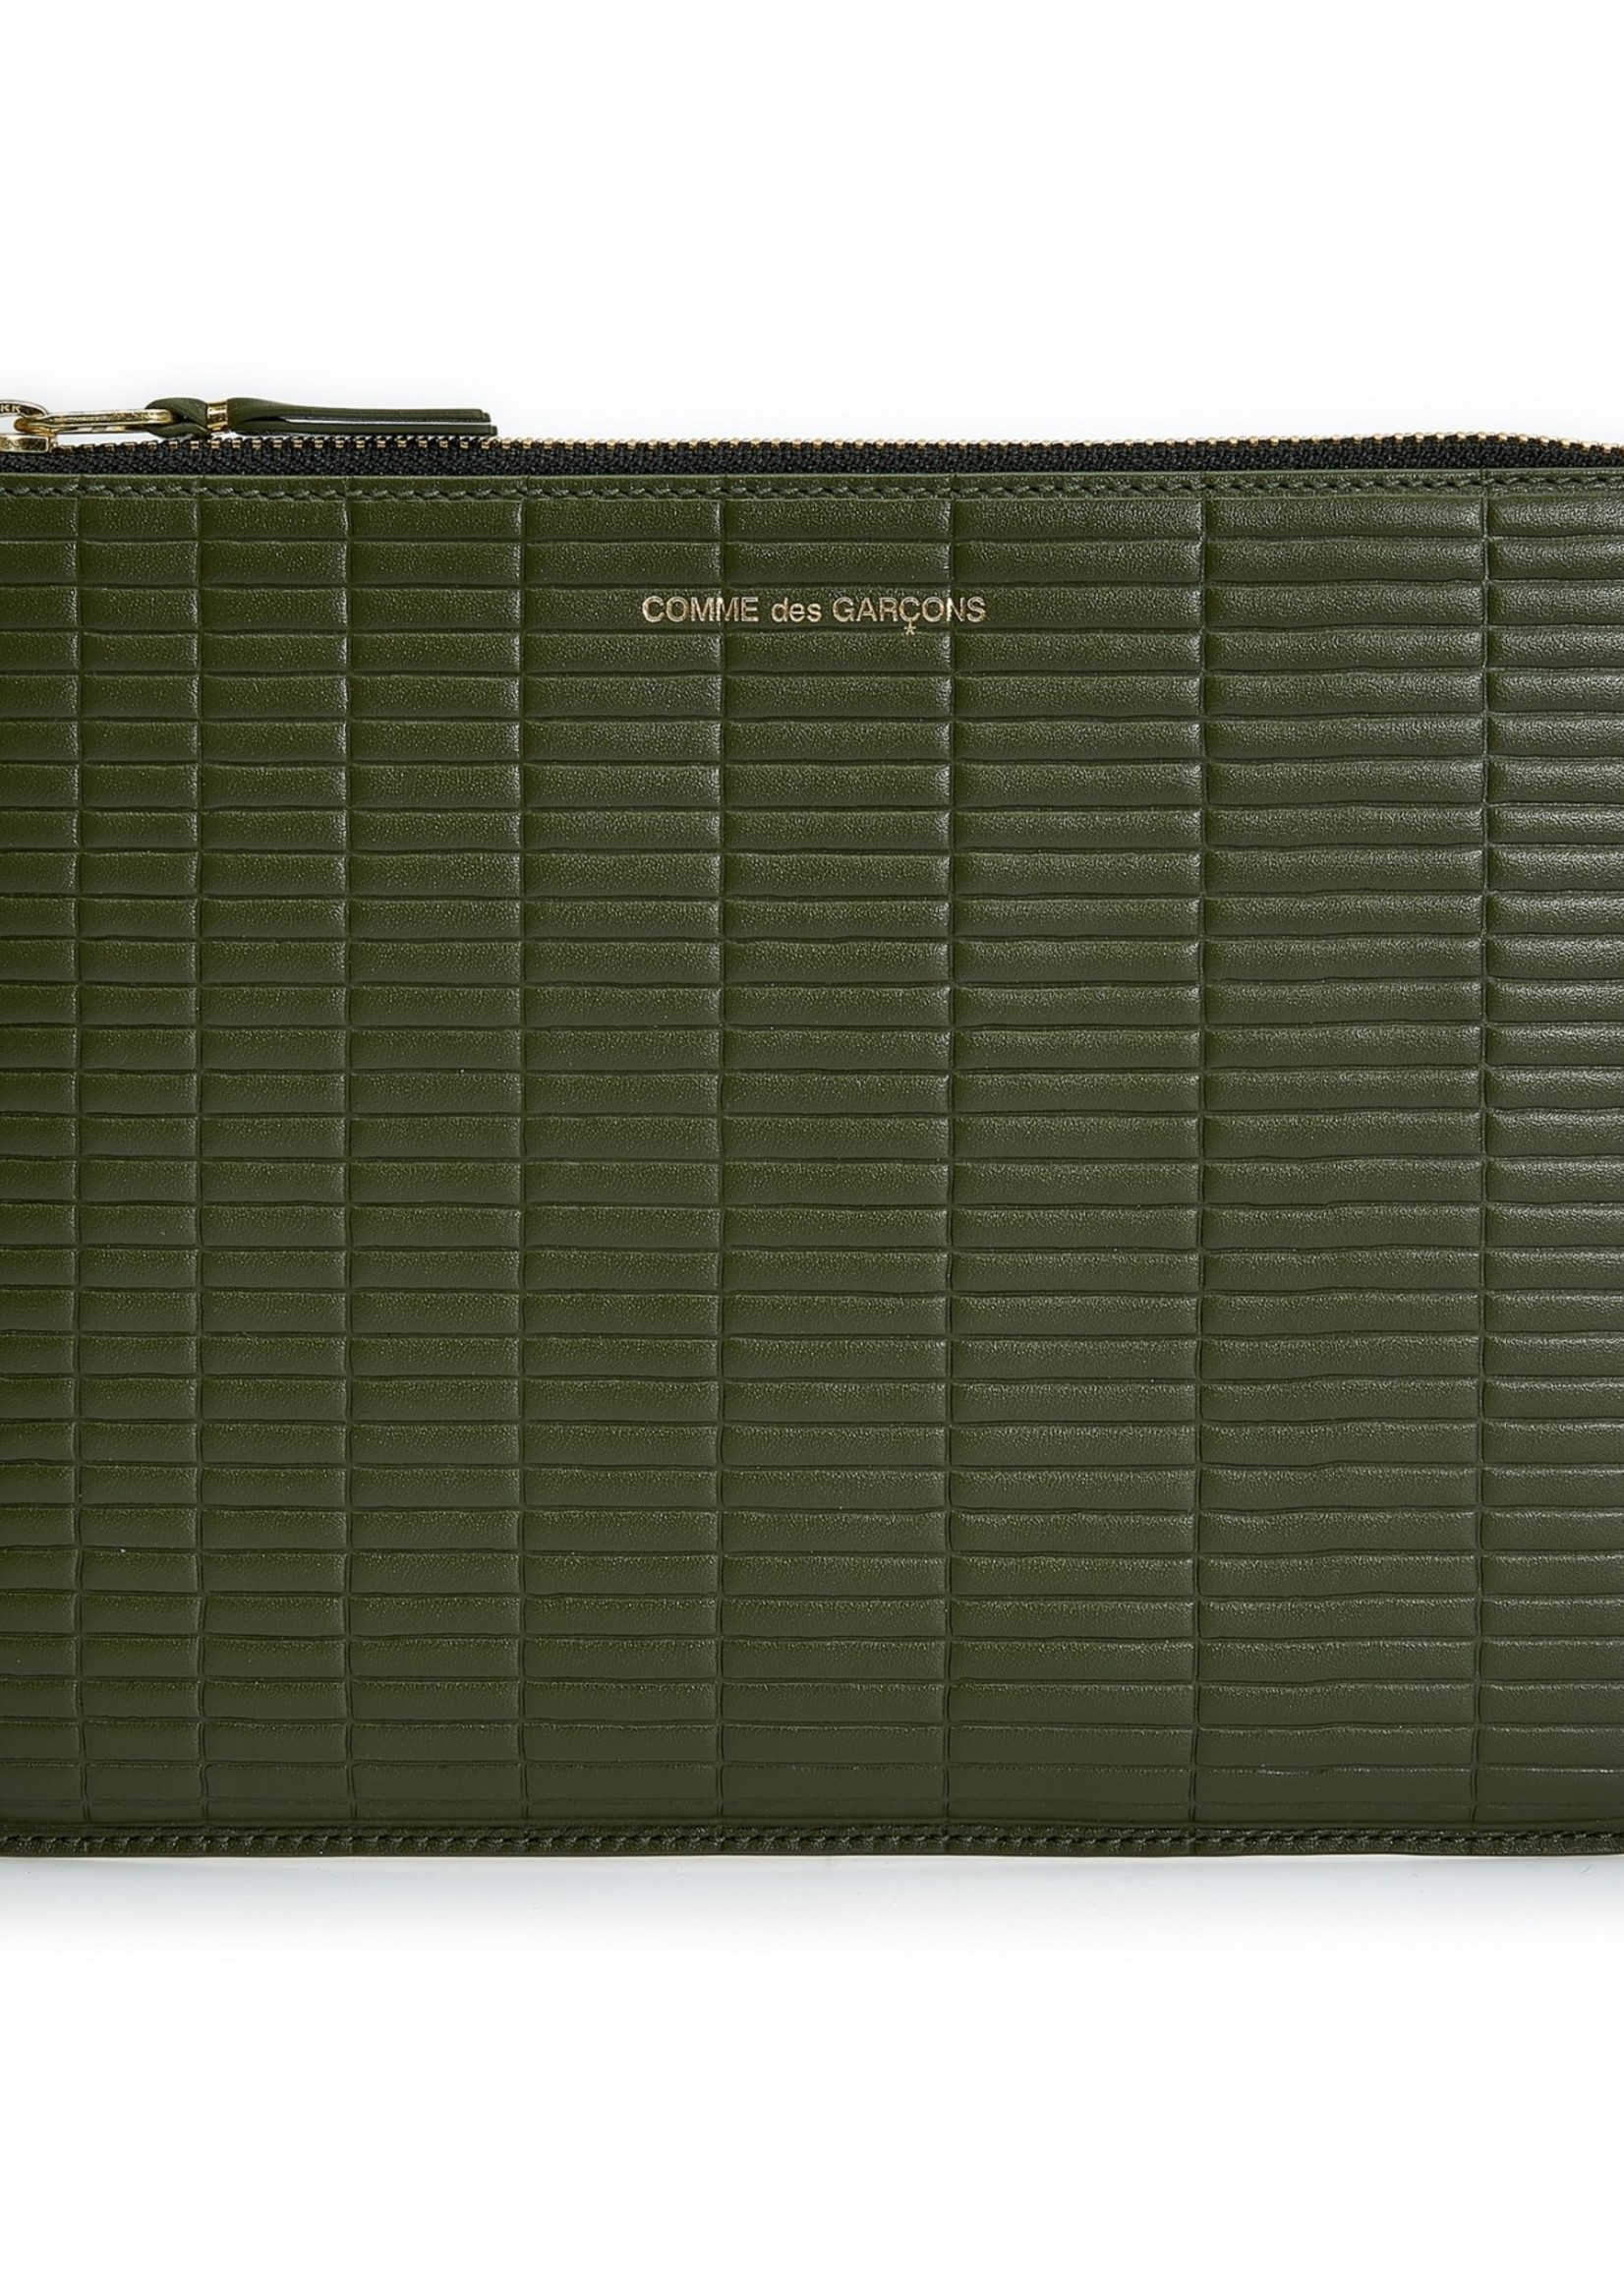 COMME des GARÇONS WALLET Large Pouch Embossed Brick Khaki  SA5100BK